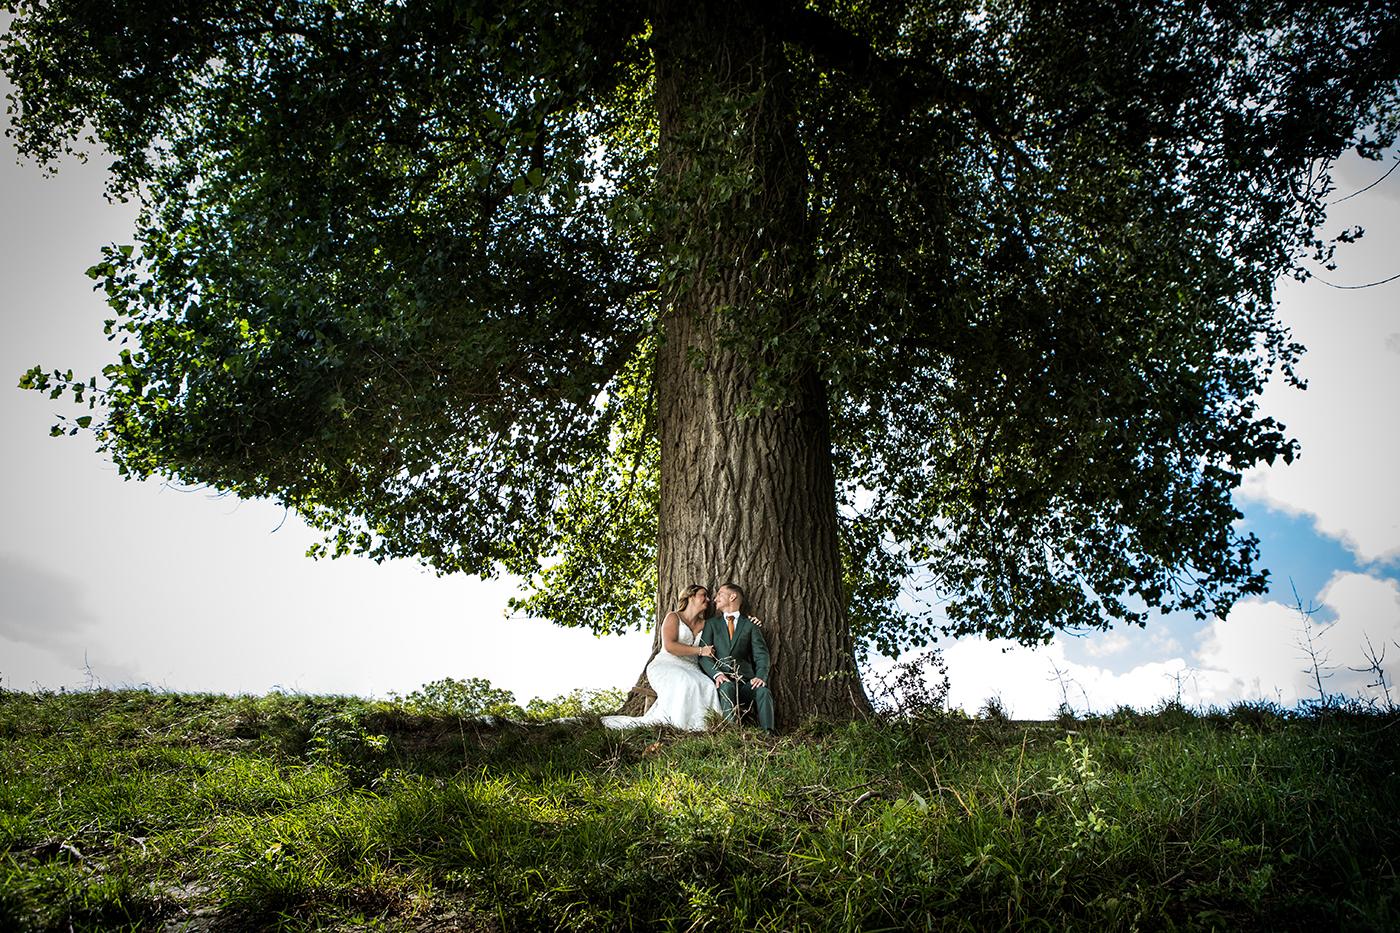 Trouwen onder boom buiten trouwfotografie trouwfotograaf